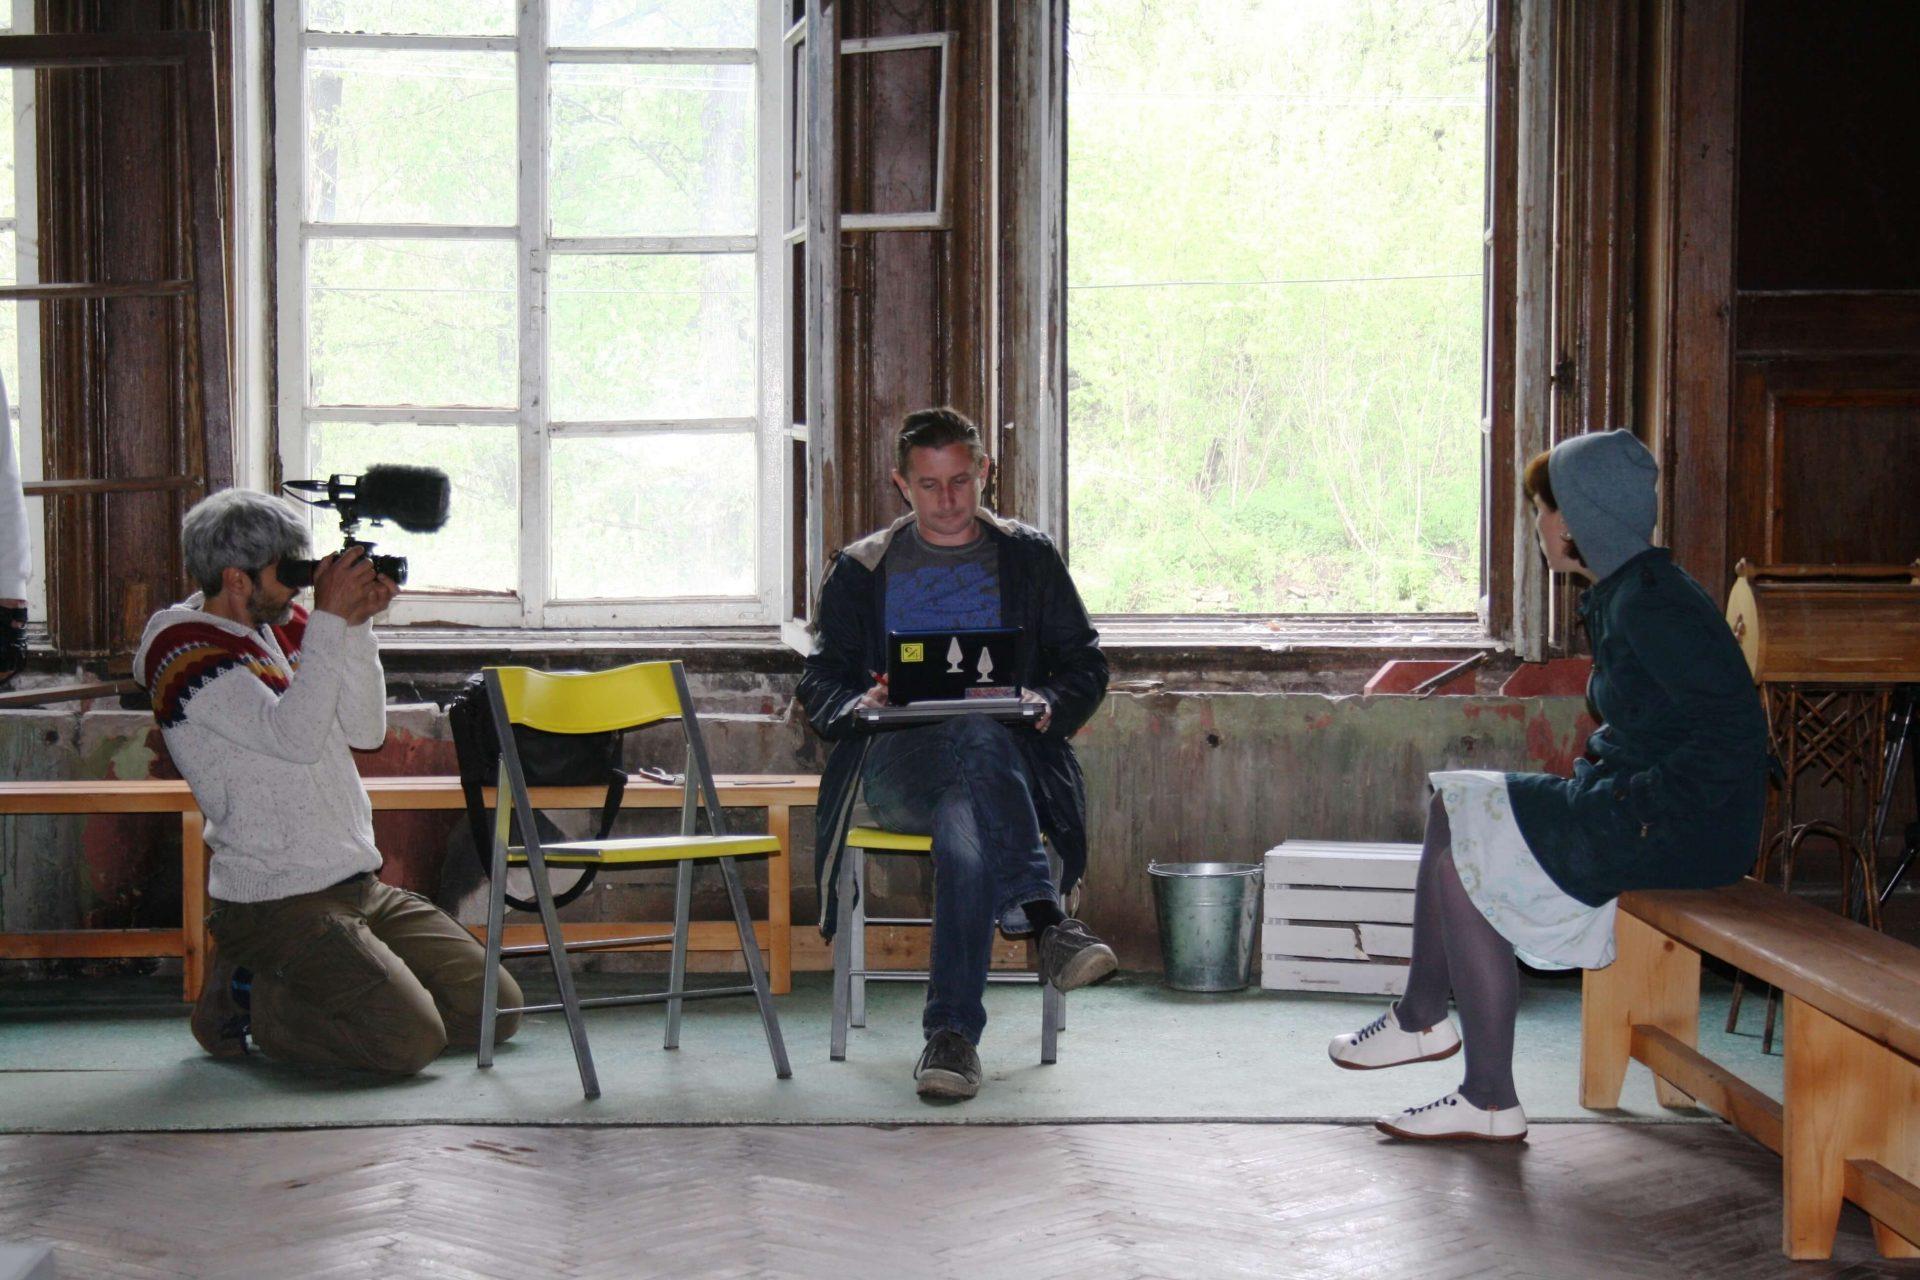 Сергій Жадан сидить на стільці та дивиться у ноутбук, який тримає у себе на колінах, зліва від нього — відео оператор, справа — Оля Михайлюк